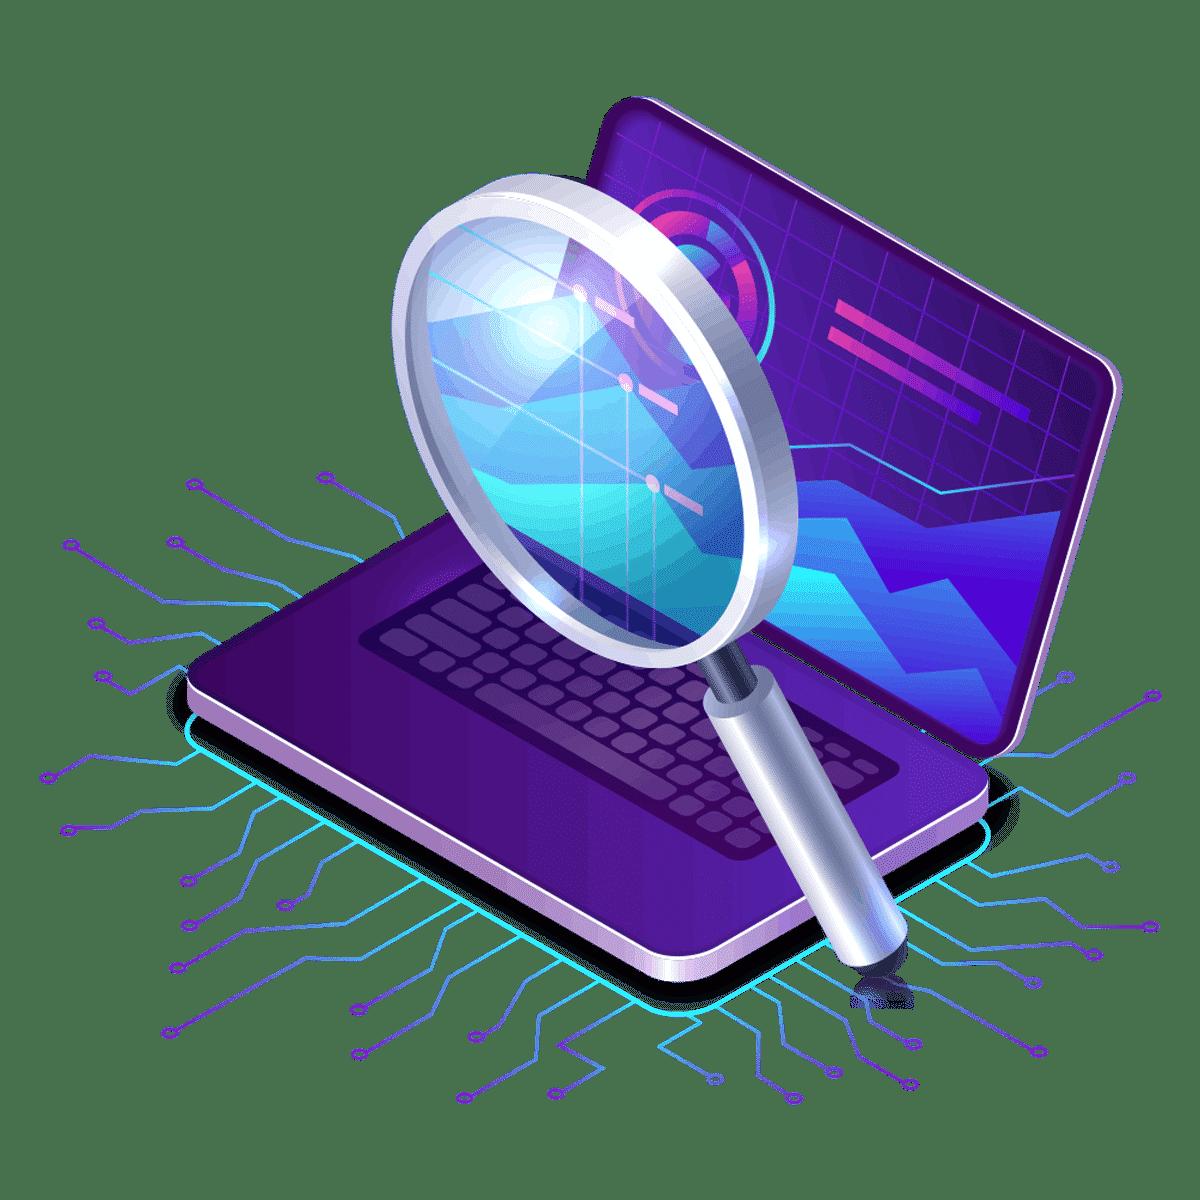 24 7 Website Surveillance